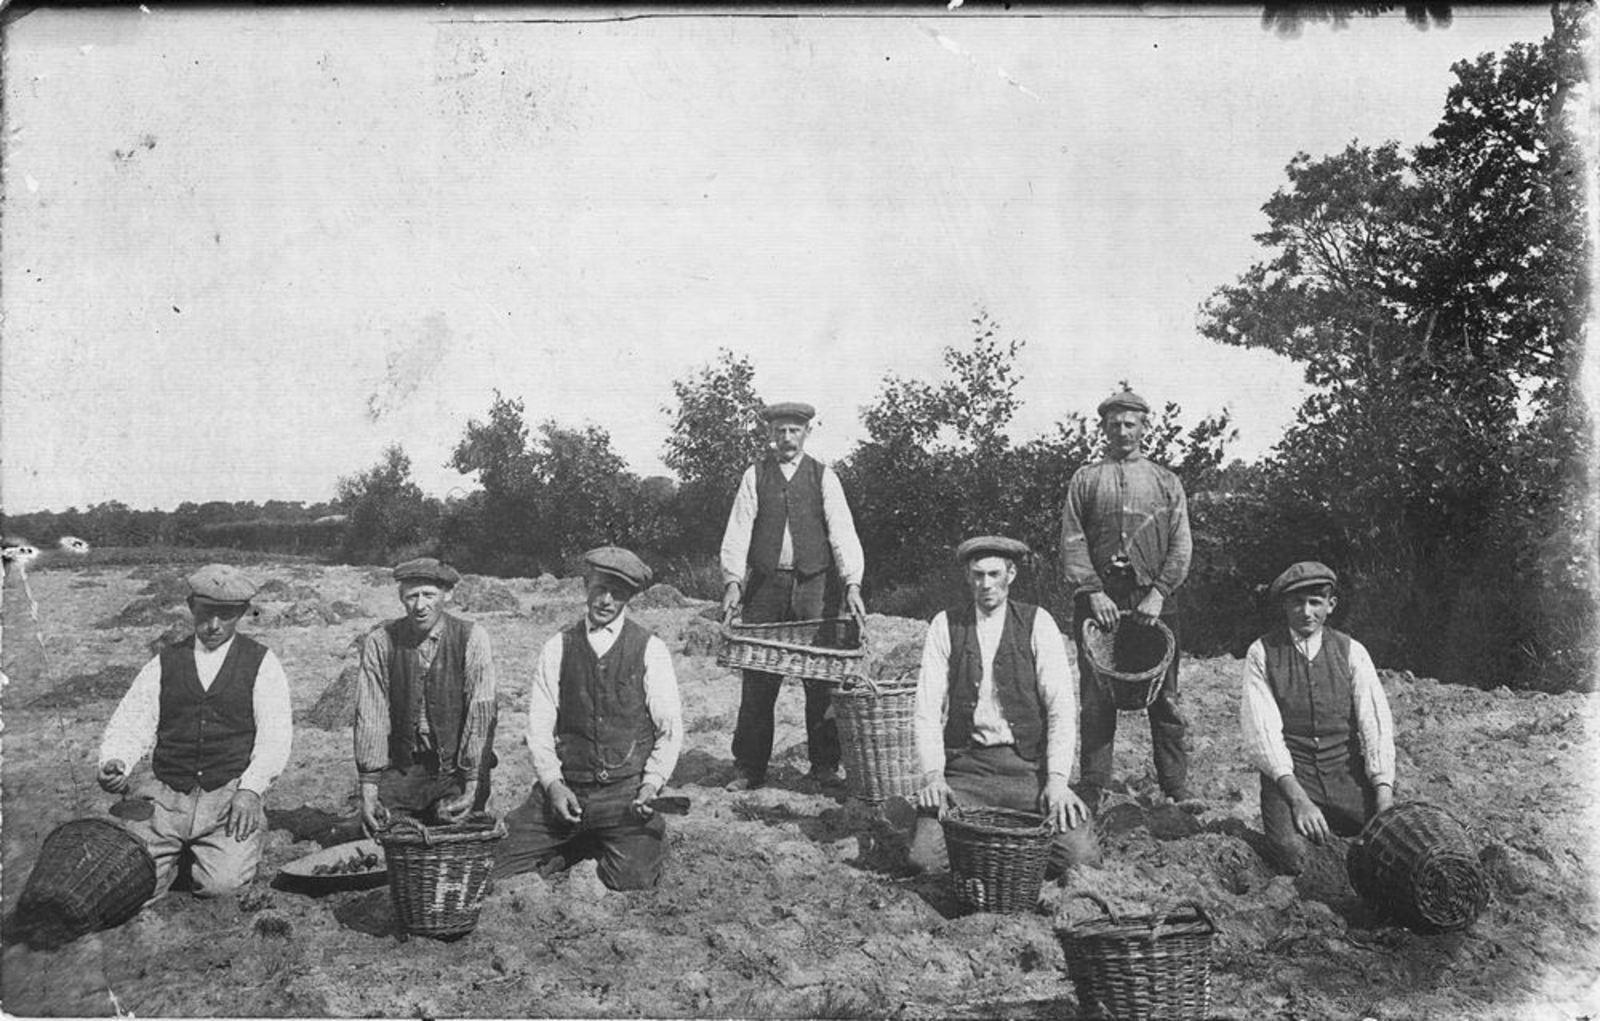 Meeldijk Arie 1873 1914 Landarbeider stuurt kaart aan Broer Hendrik Teunis